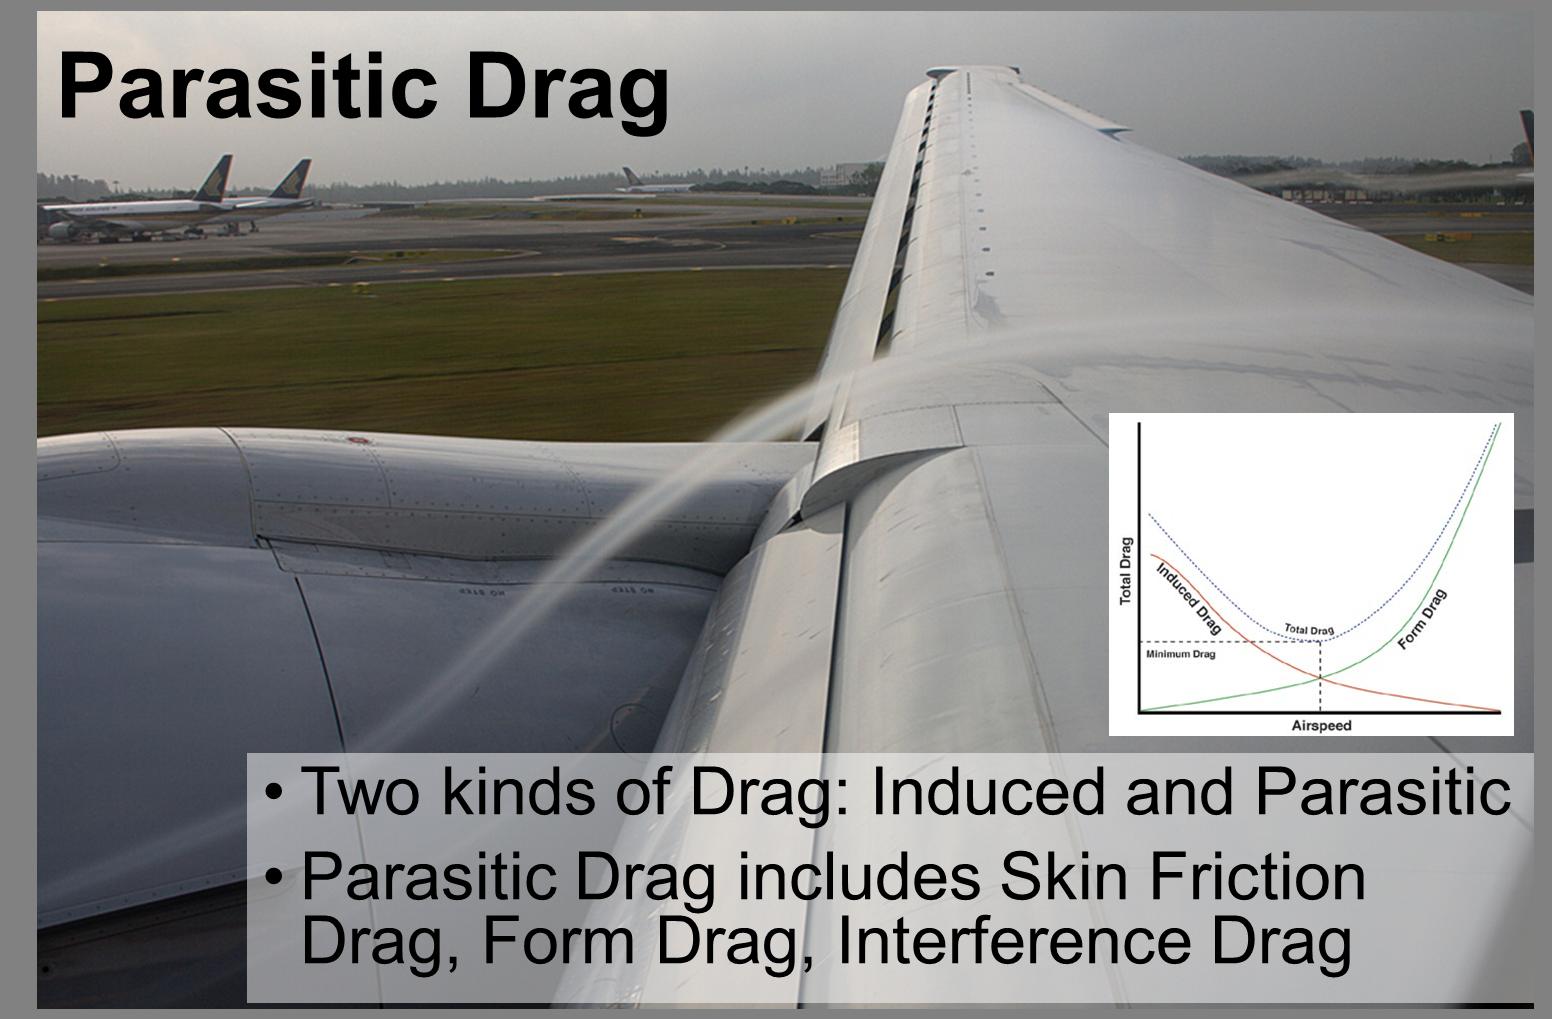 parasitic-drag-aerodef-2016.png